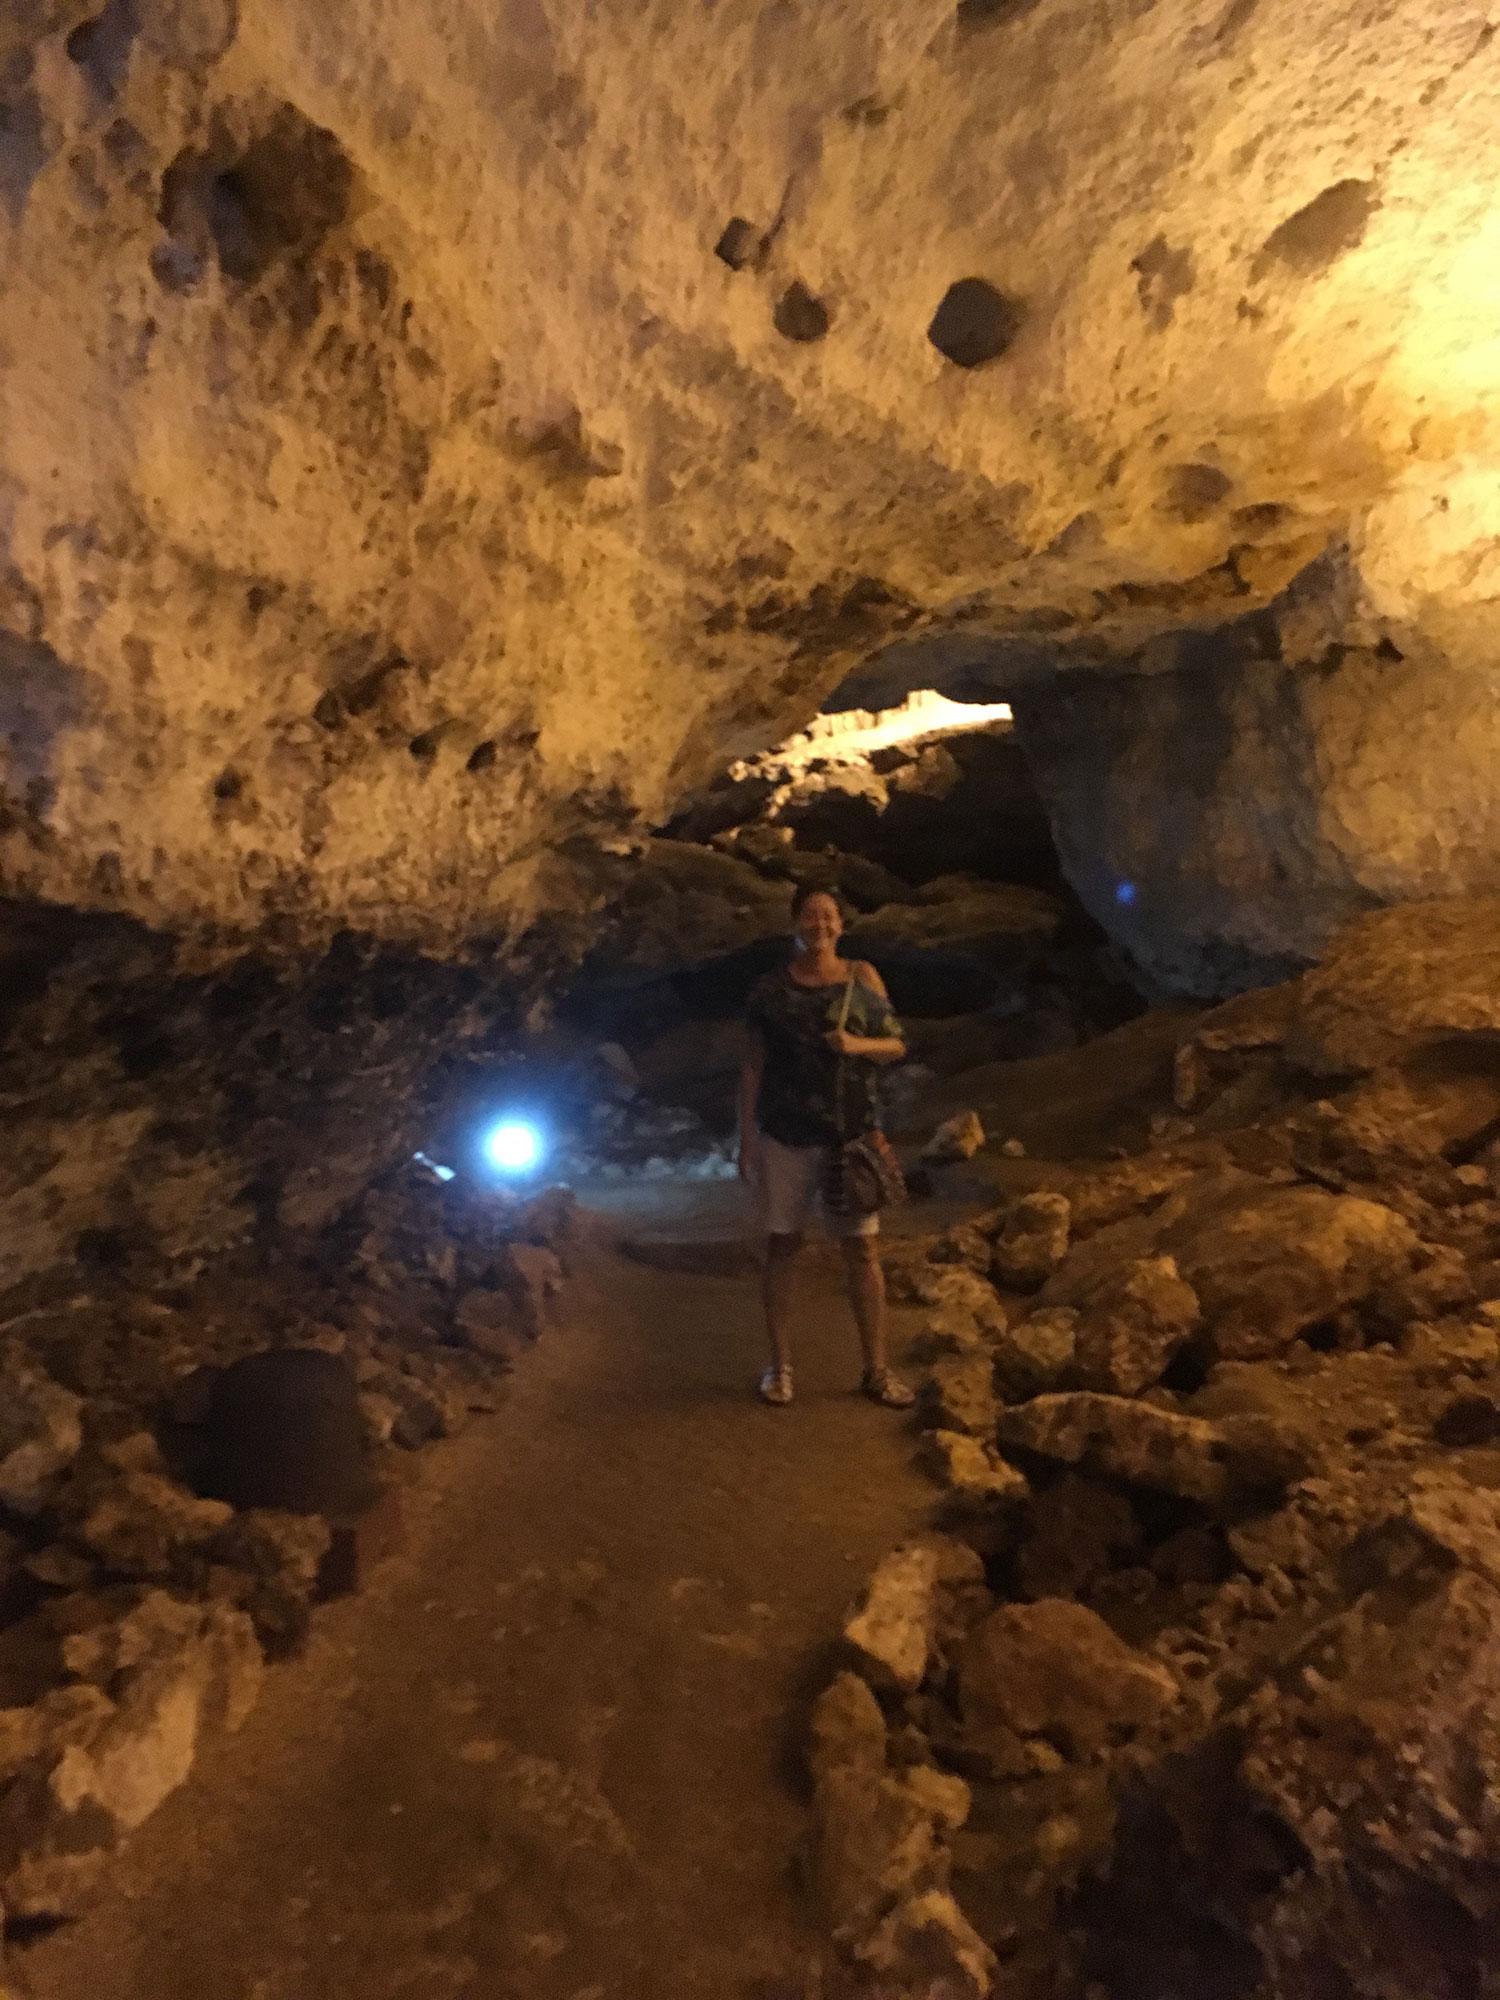 Hammocks_and_Ruins_What_to_Do_Mexico_Mayan_pyramid_cenote_hacienda_Yucatan_cave_Balamkanche_20.jpg